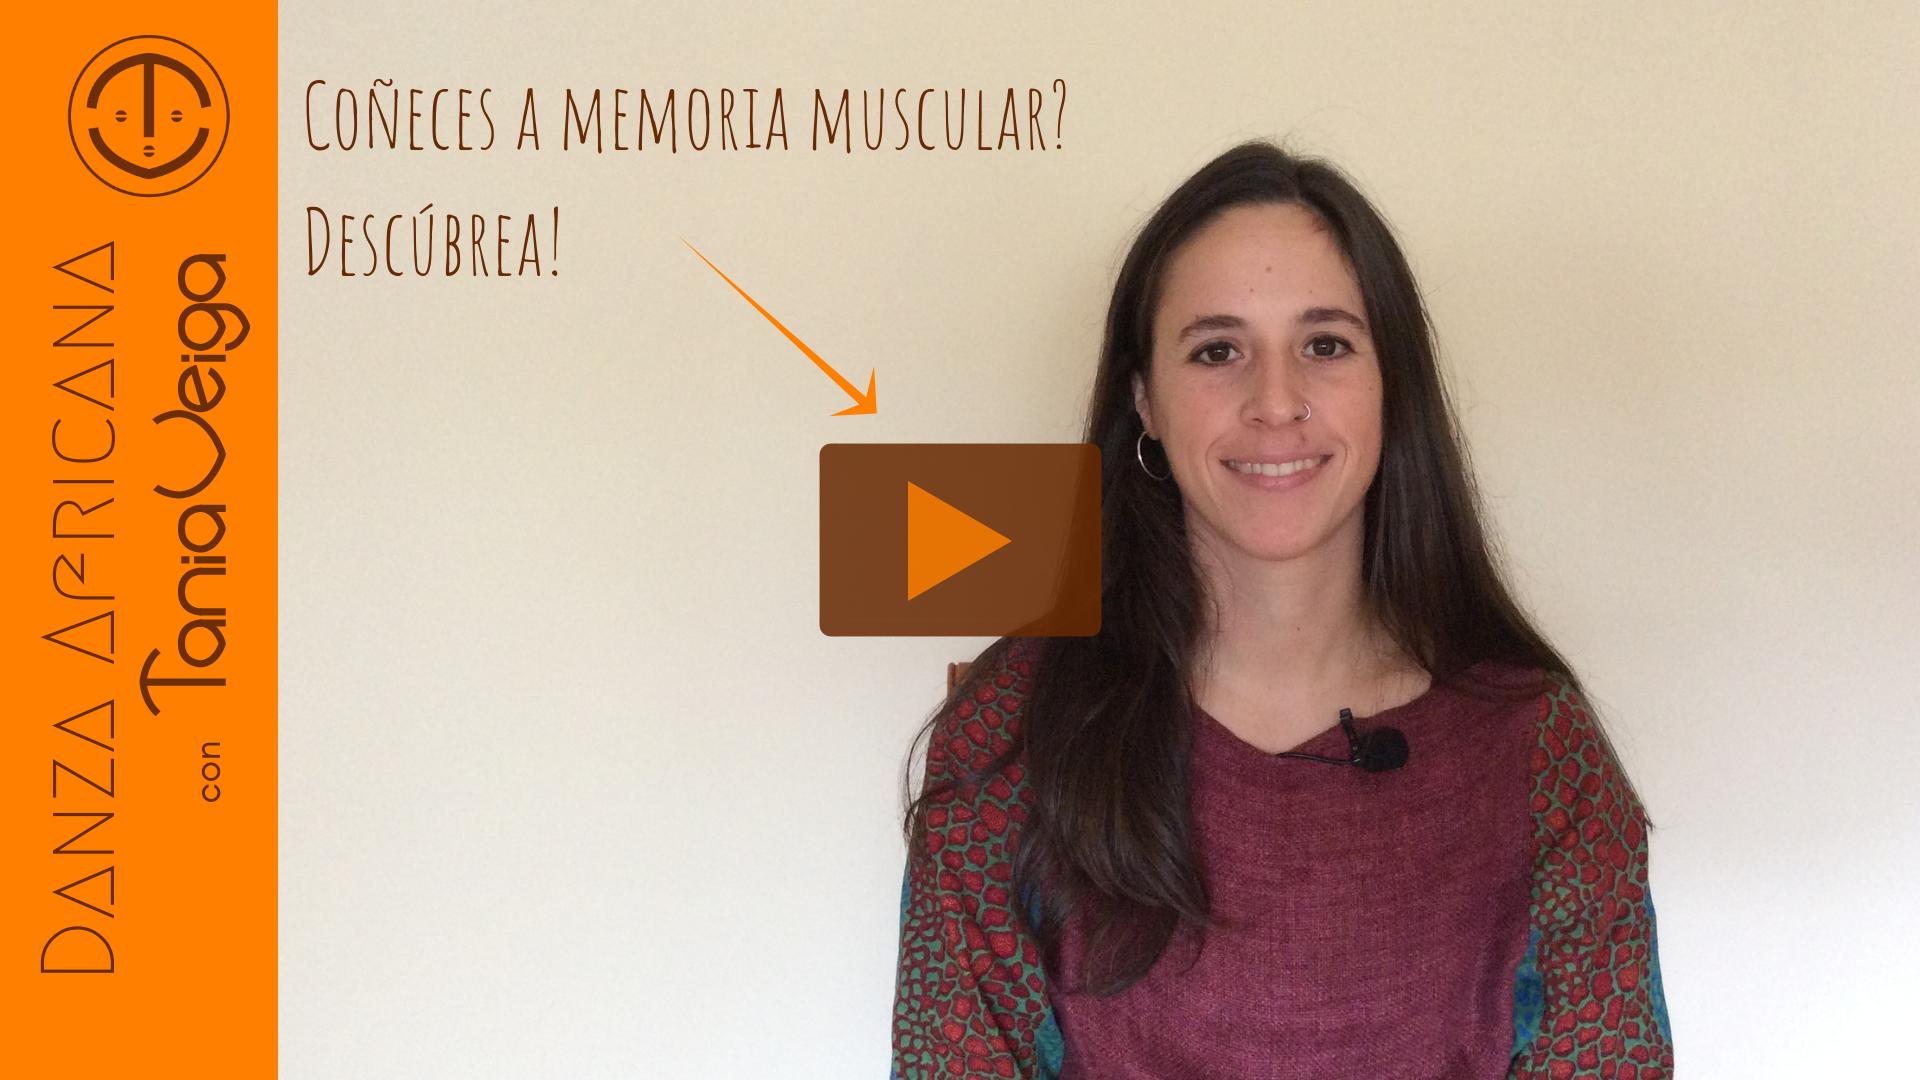 Memoria muscular con Tania Veiga profesora de Danza con base na Tradición do Oeste de África